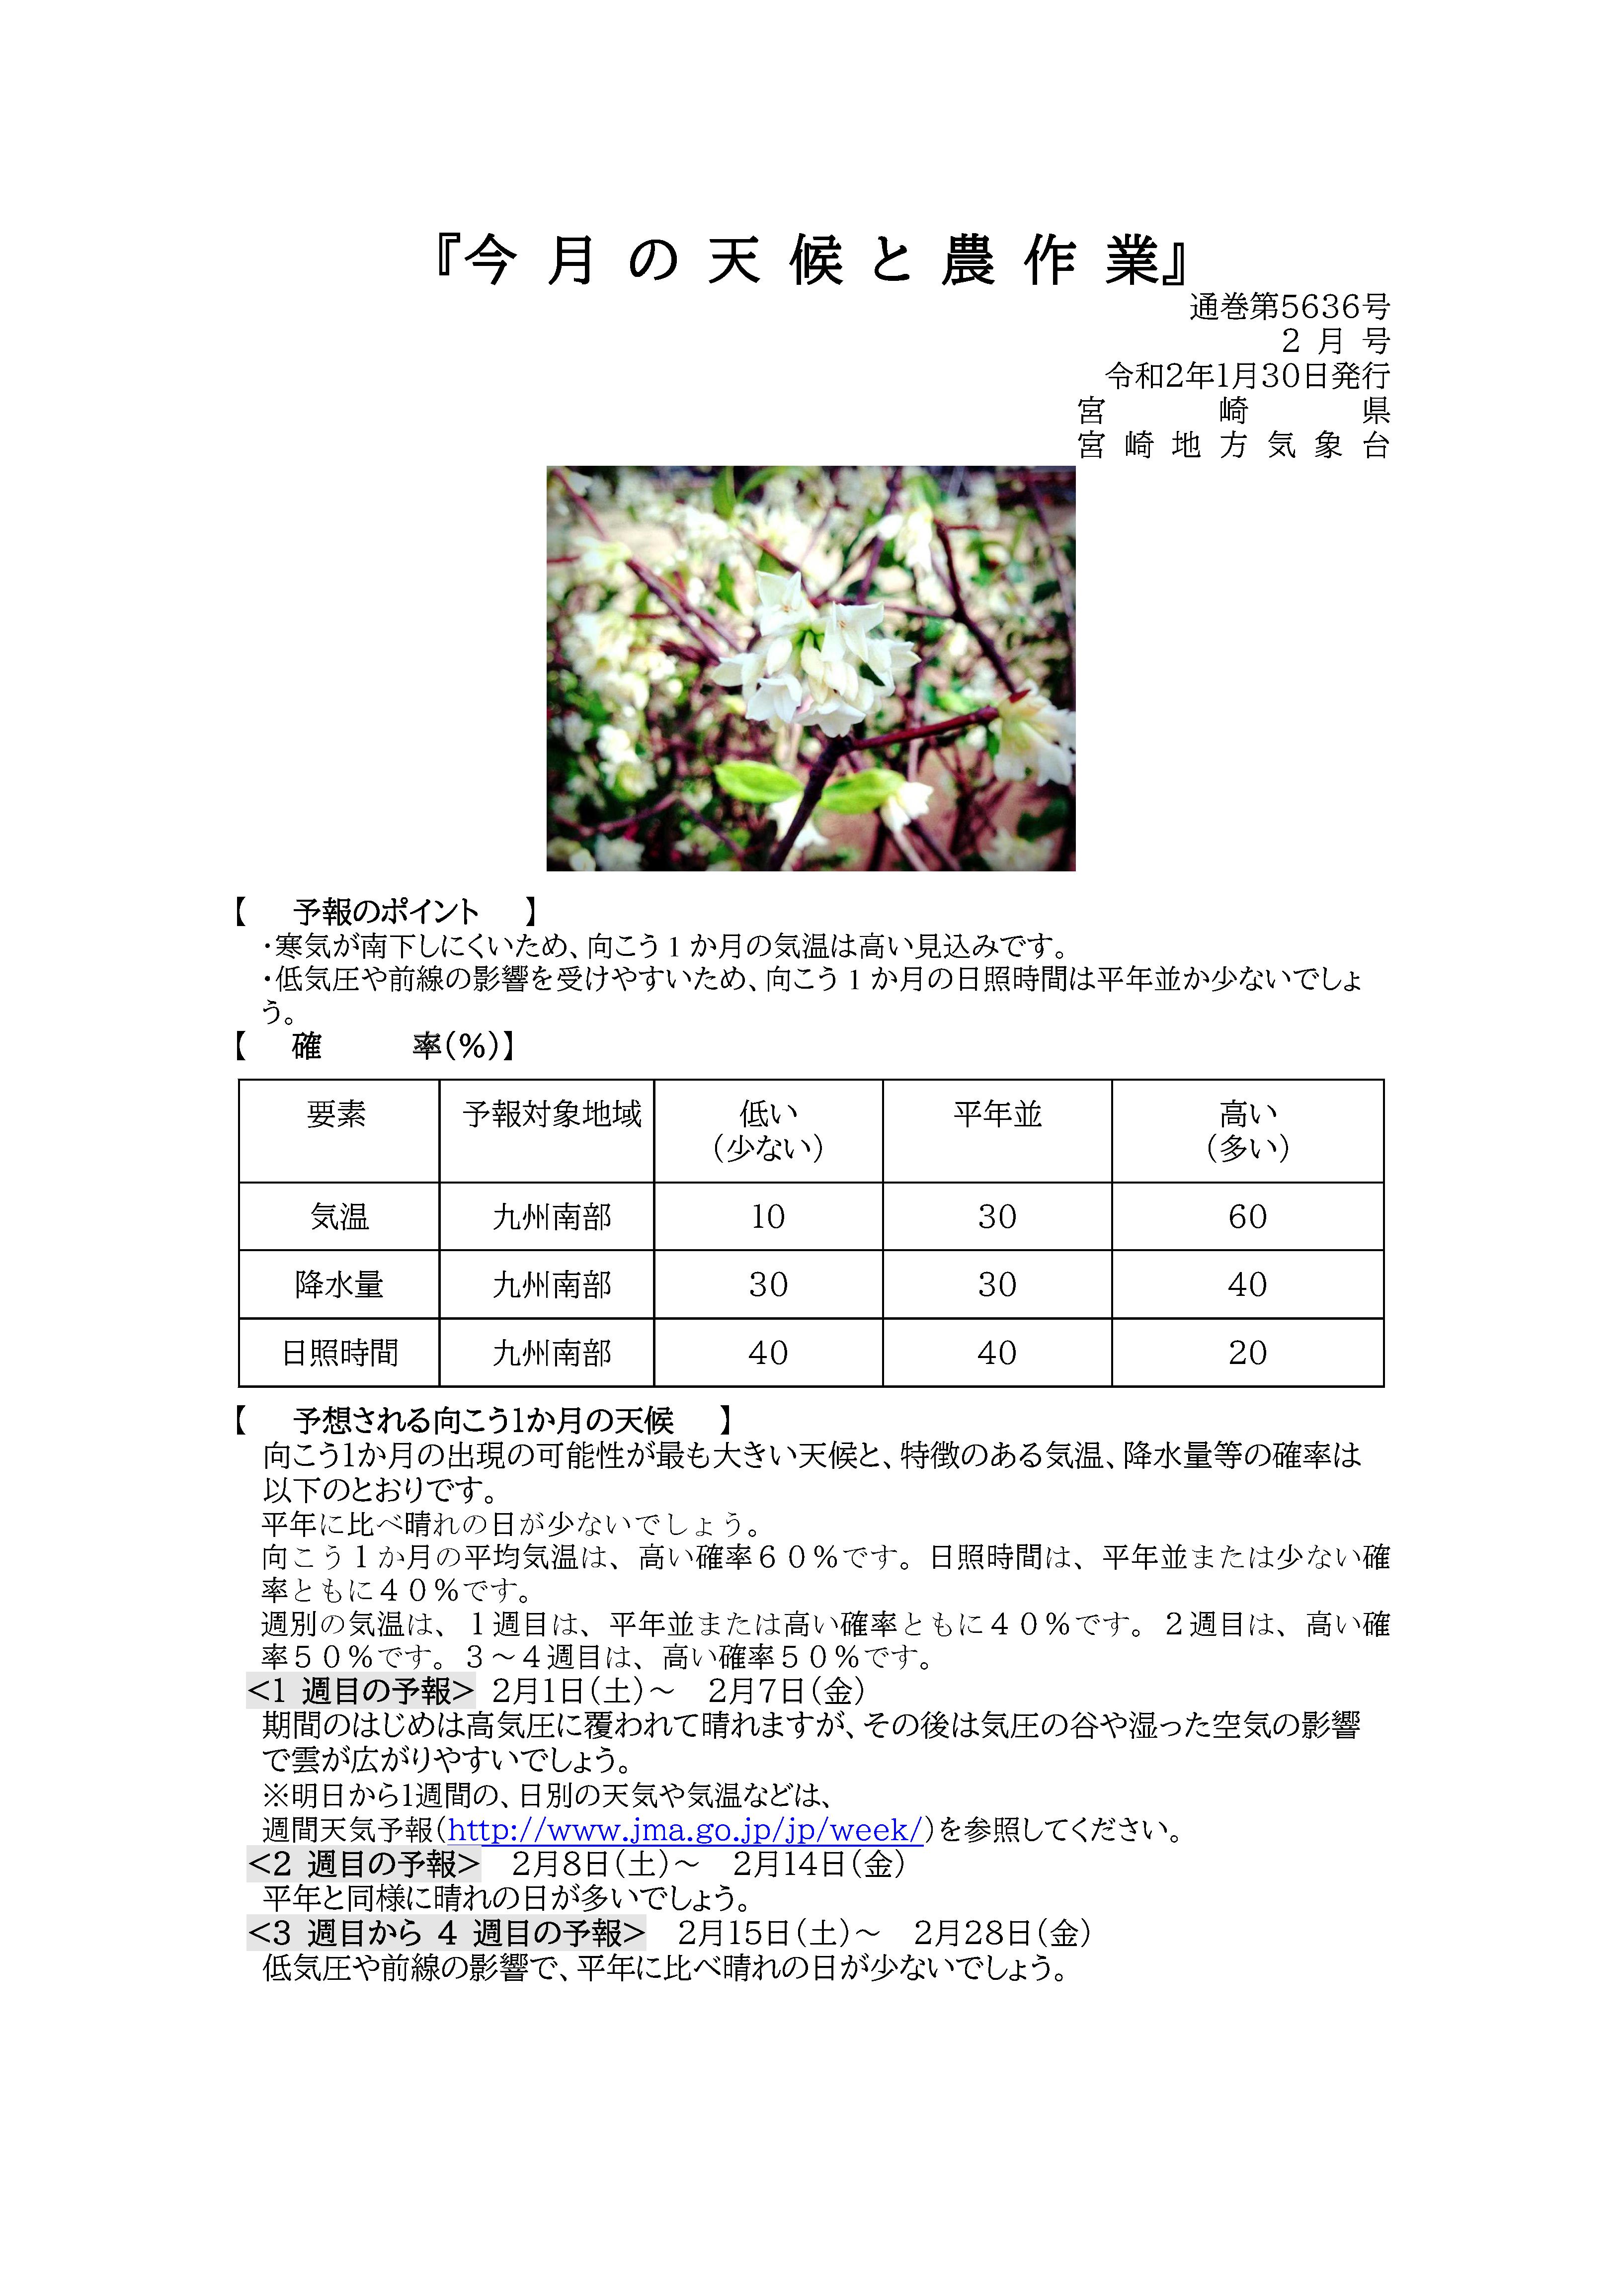 今月の天候と農作業2020年2月版